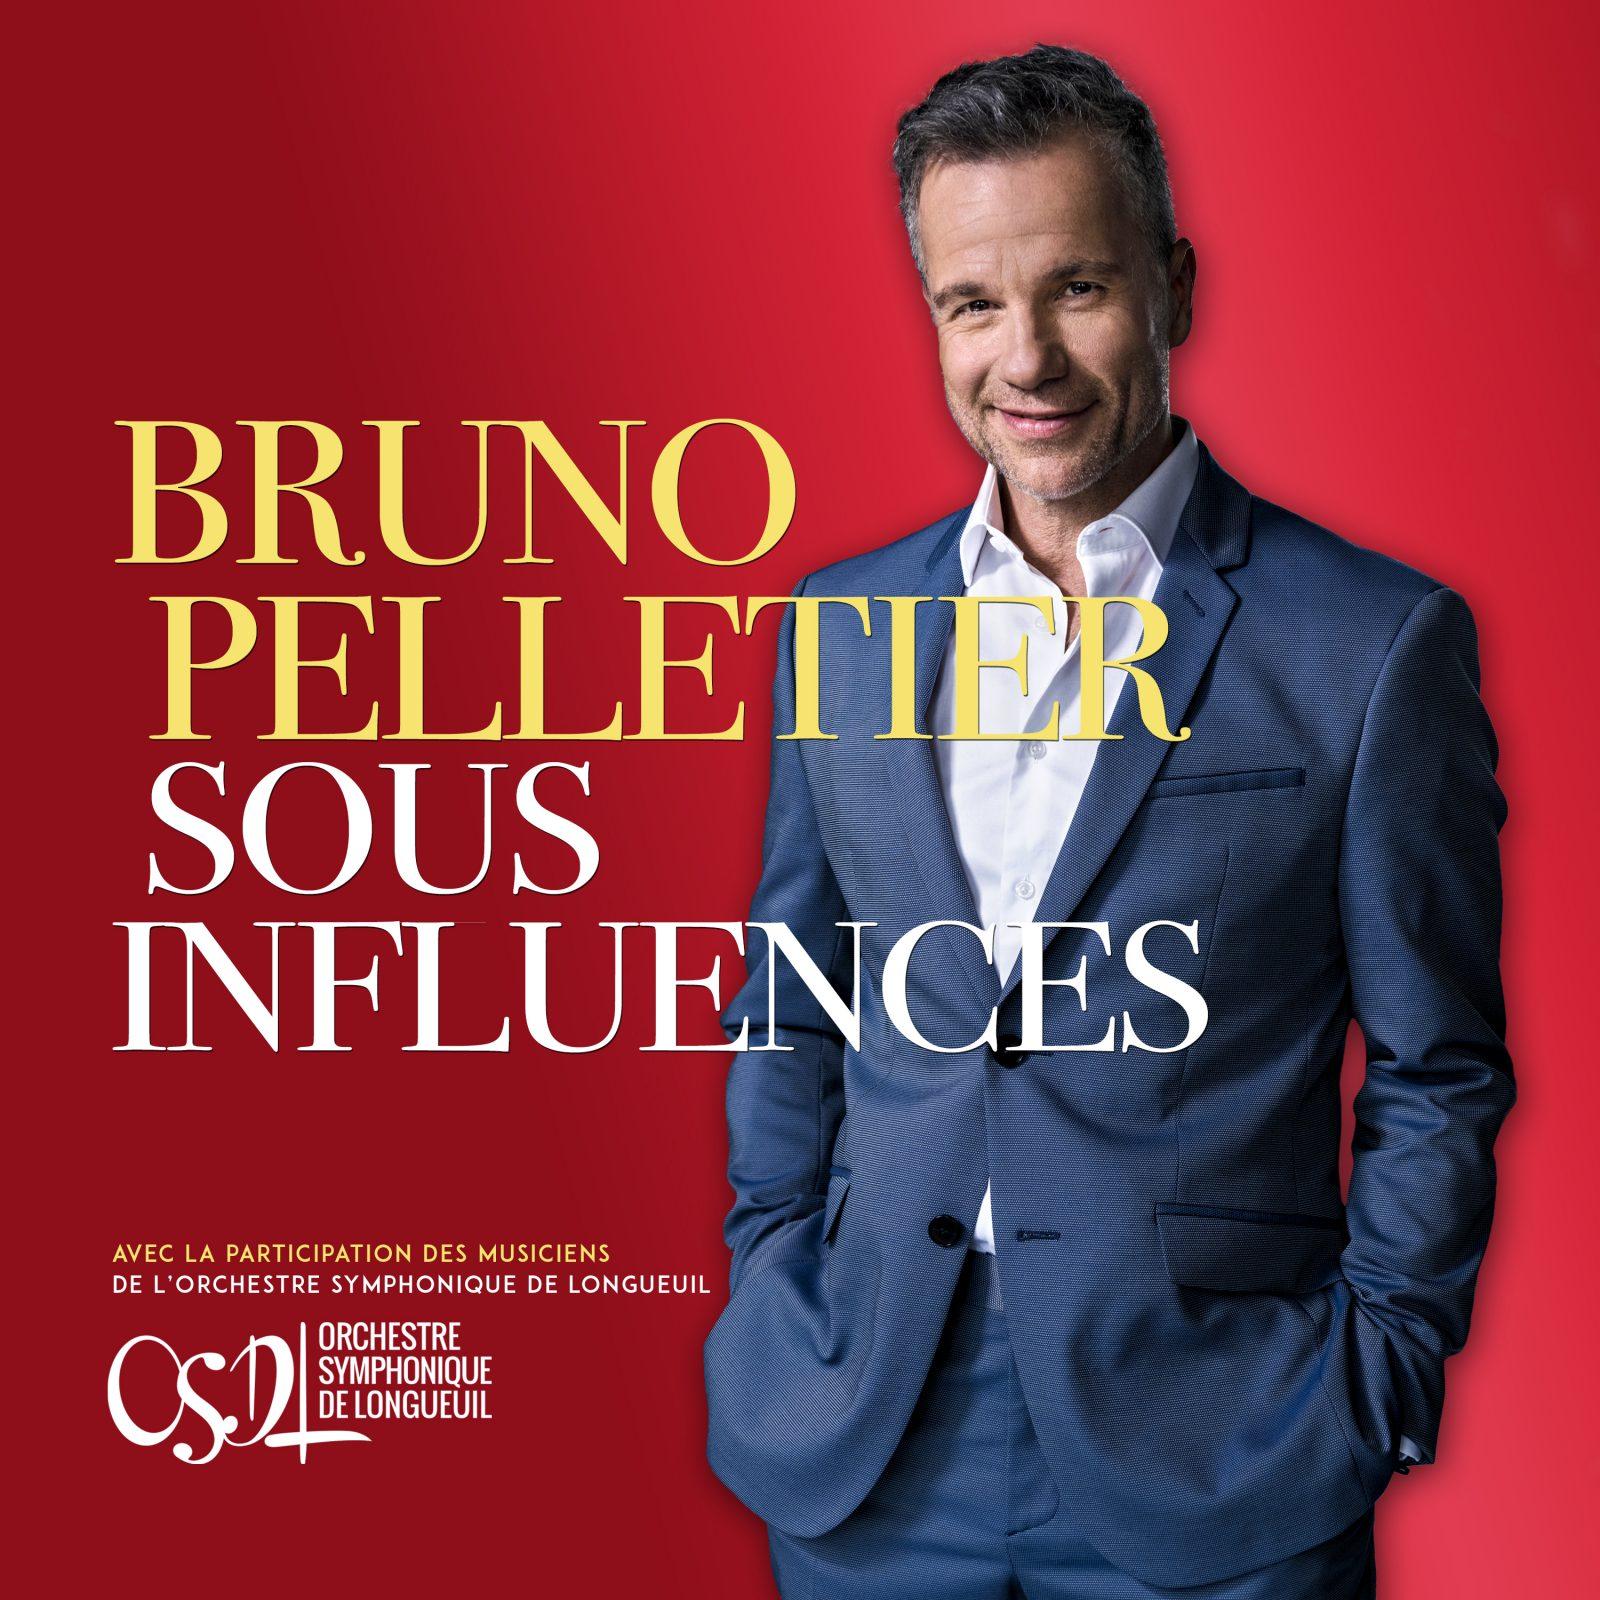 Bruno Pelletier lance un nouvel album intitulé Sous influences